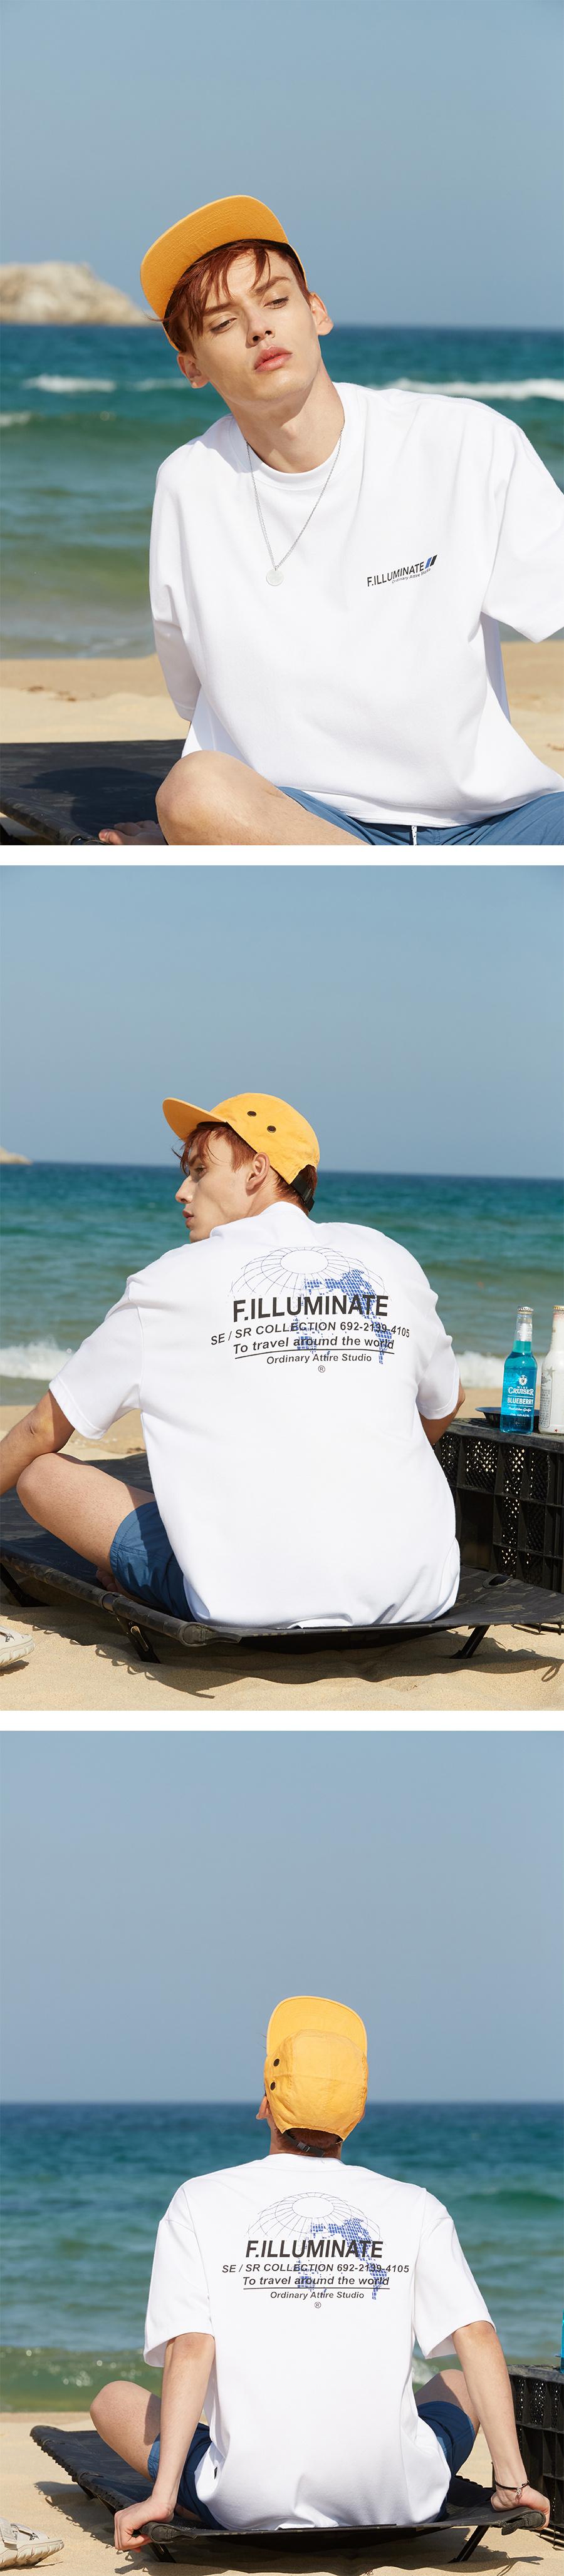 필루미네이트(FILLUMINATE) 유니섹스 오버핏 어스넷 로고 티-퍼플